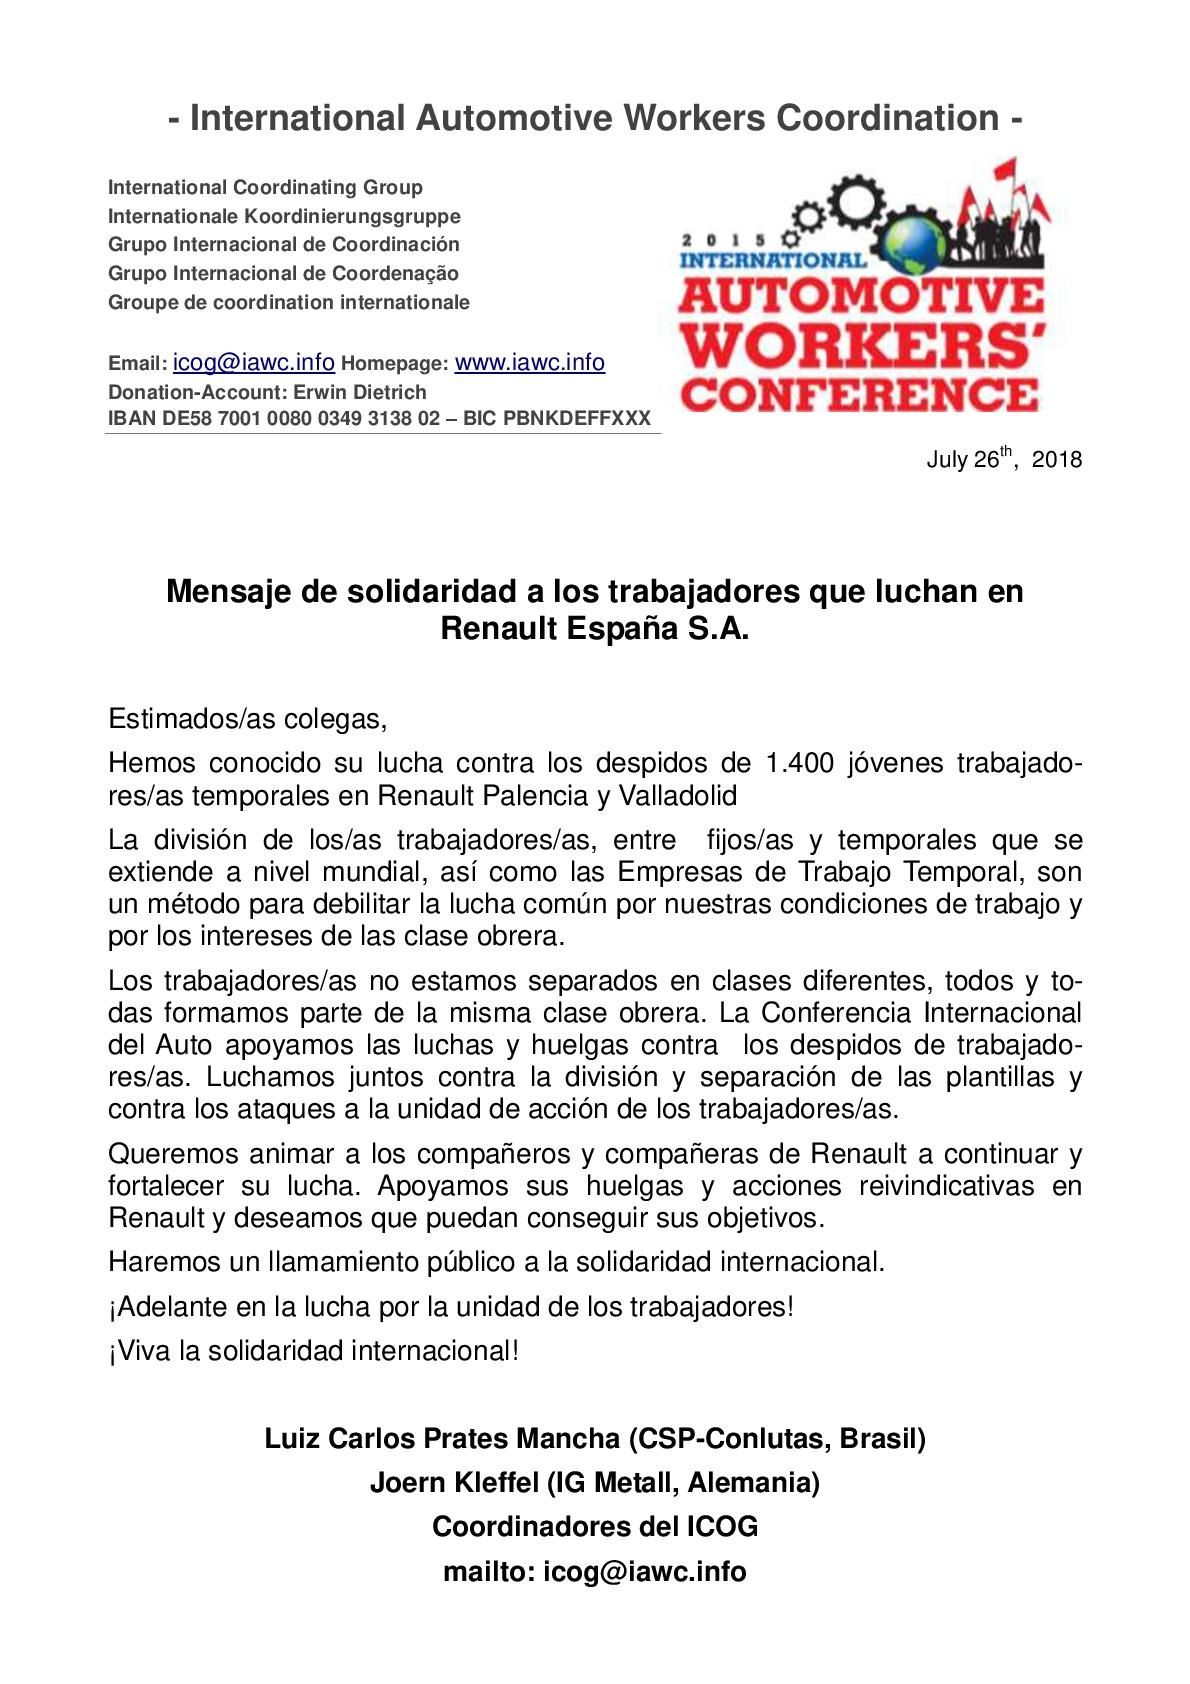 IAC2019_10 035_EN_ICOG_Solidarity_Message_to_Renaullt_Valladolid_Palencia-001